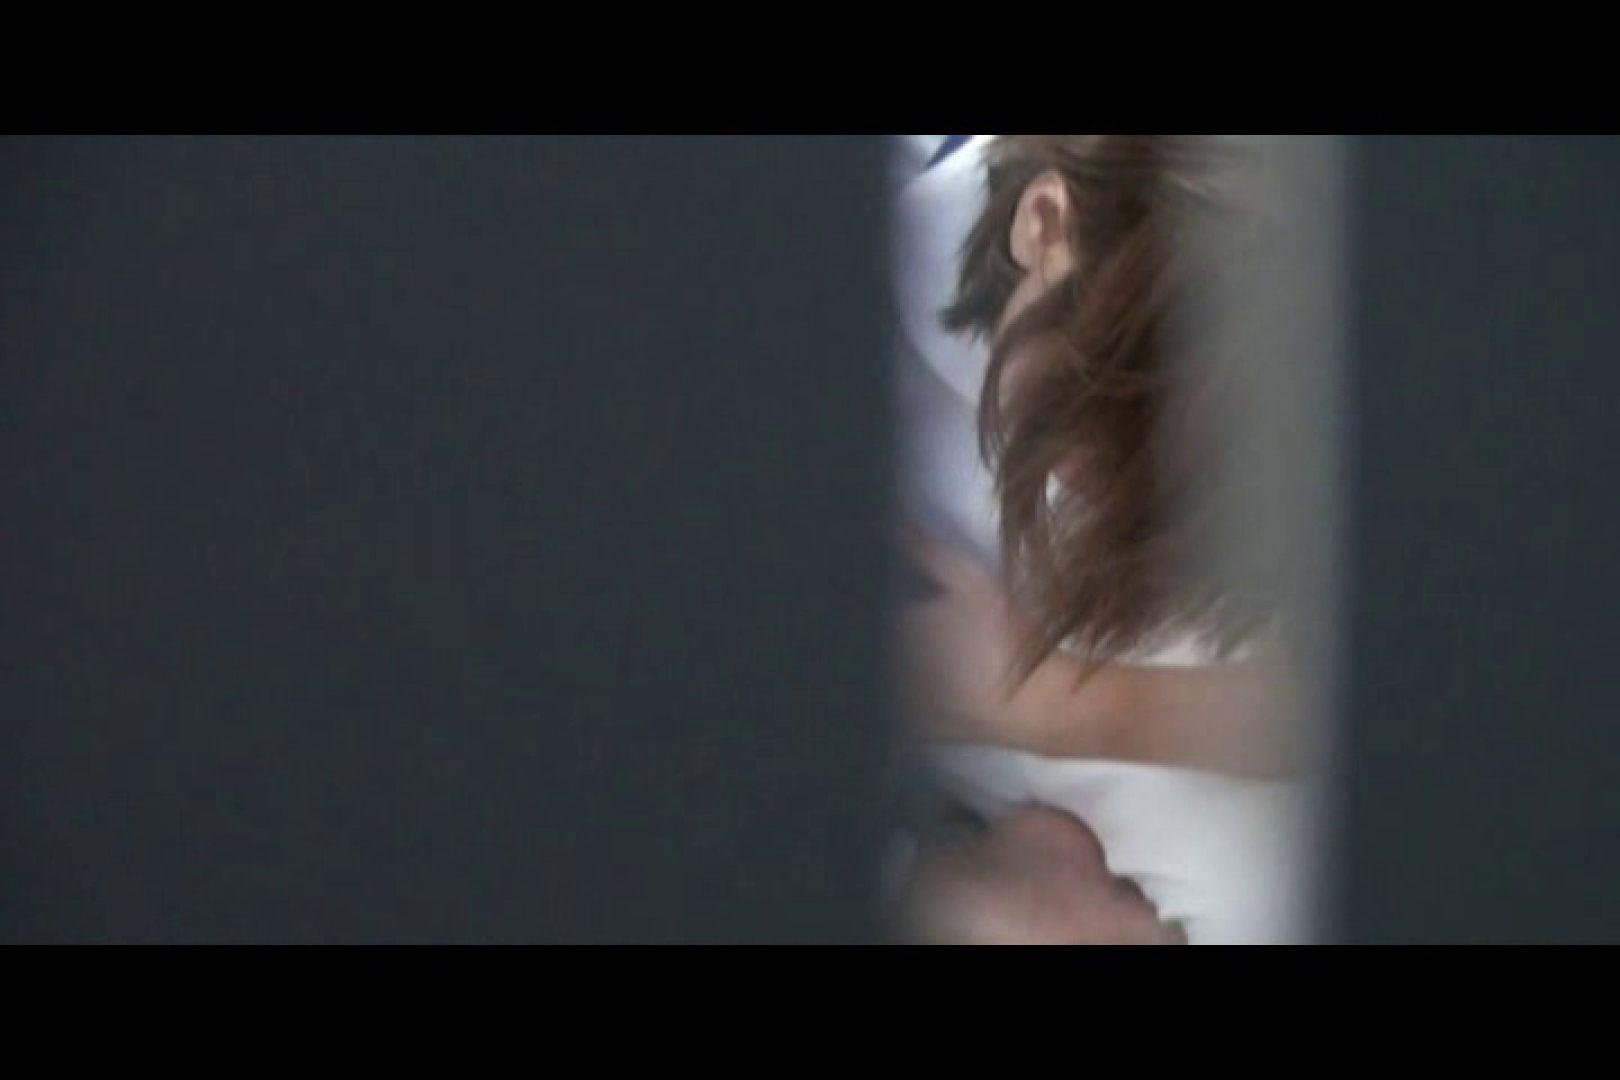 独占配信!無修正! 看護女子寮 vol.06 ナースのエロ生活 | OLのエロ生活  64連発 19